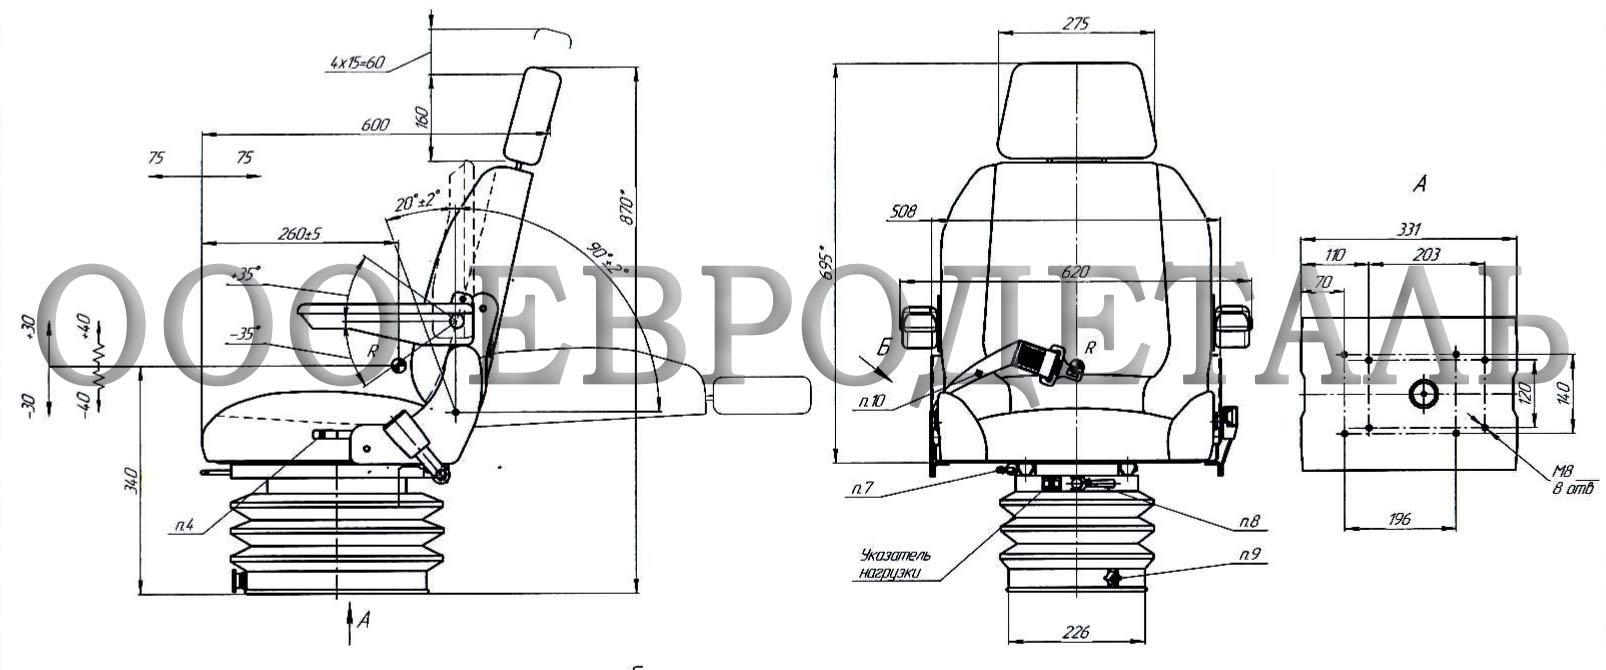 Сиденье-тракторное-СТ-чертеж-габаритно-присоединительные-размеры